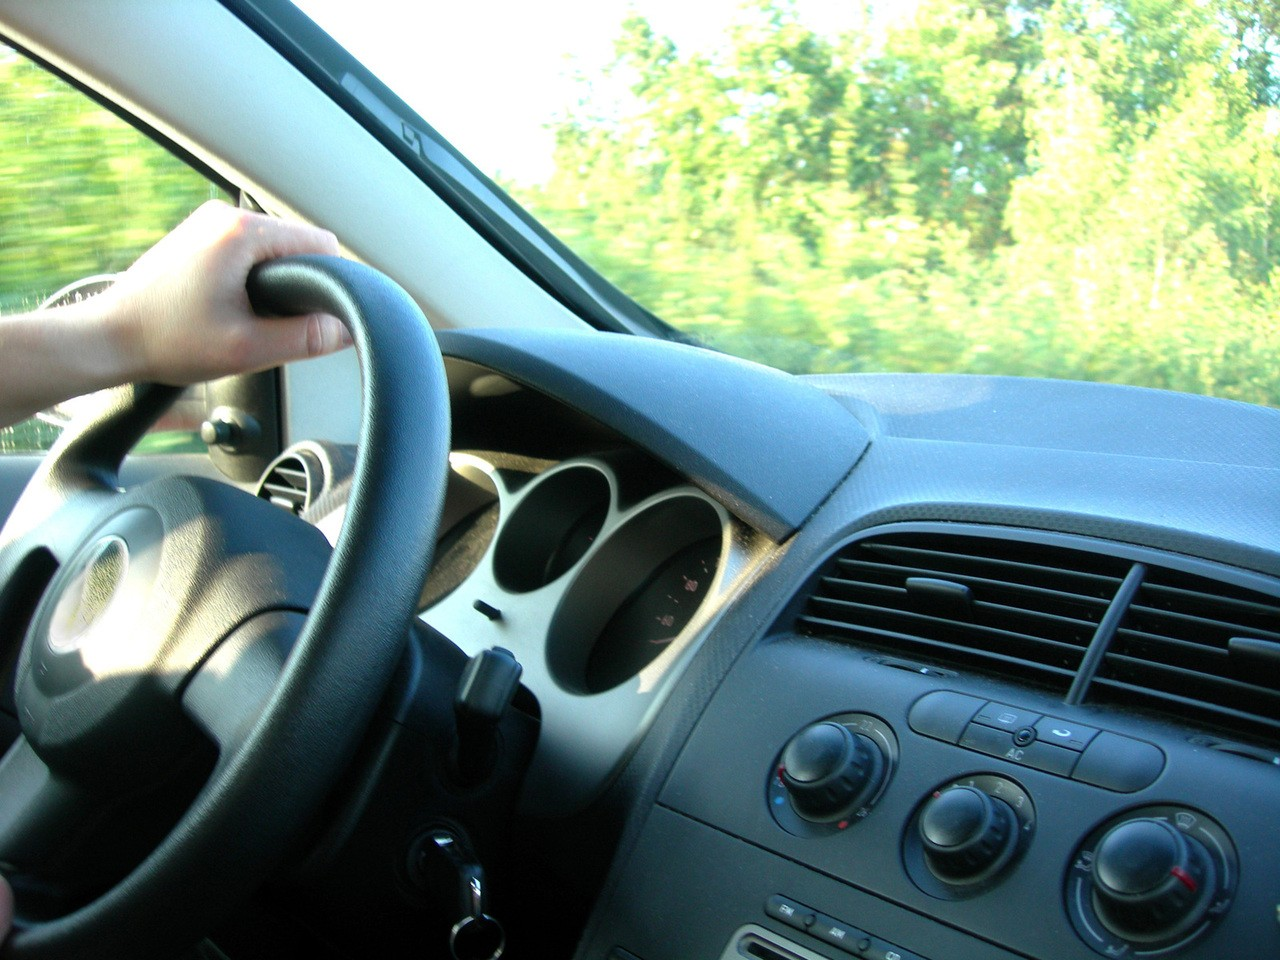 Nadajnik GPS w samochodzie osobowym – jakie korzyści dla kierowcy?